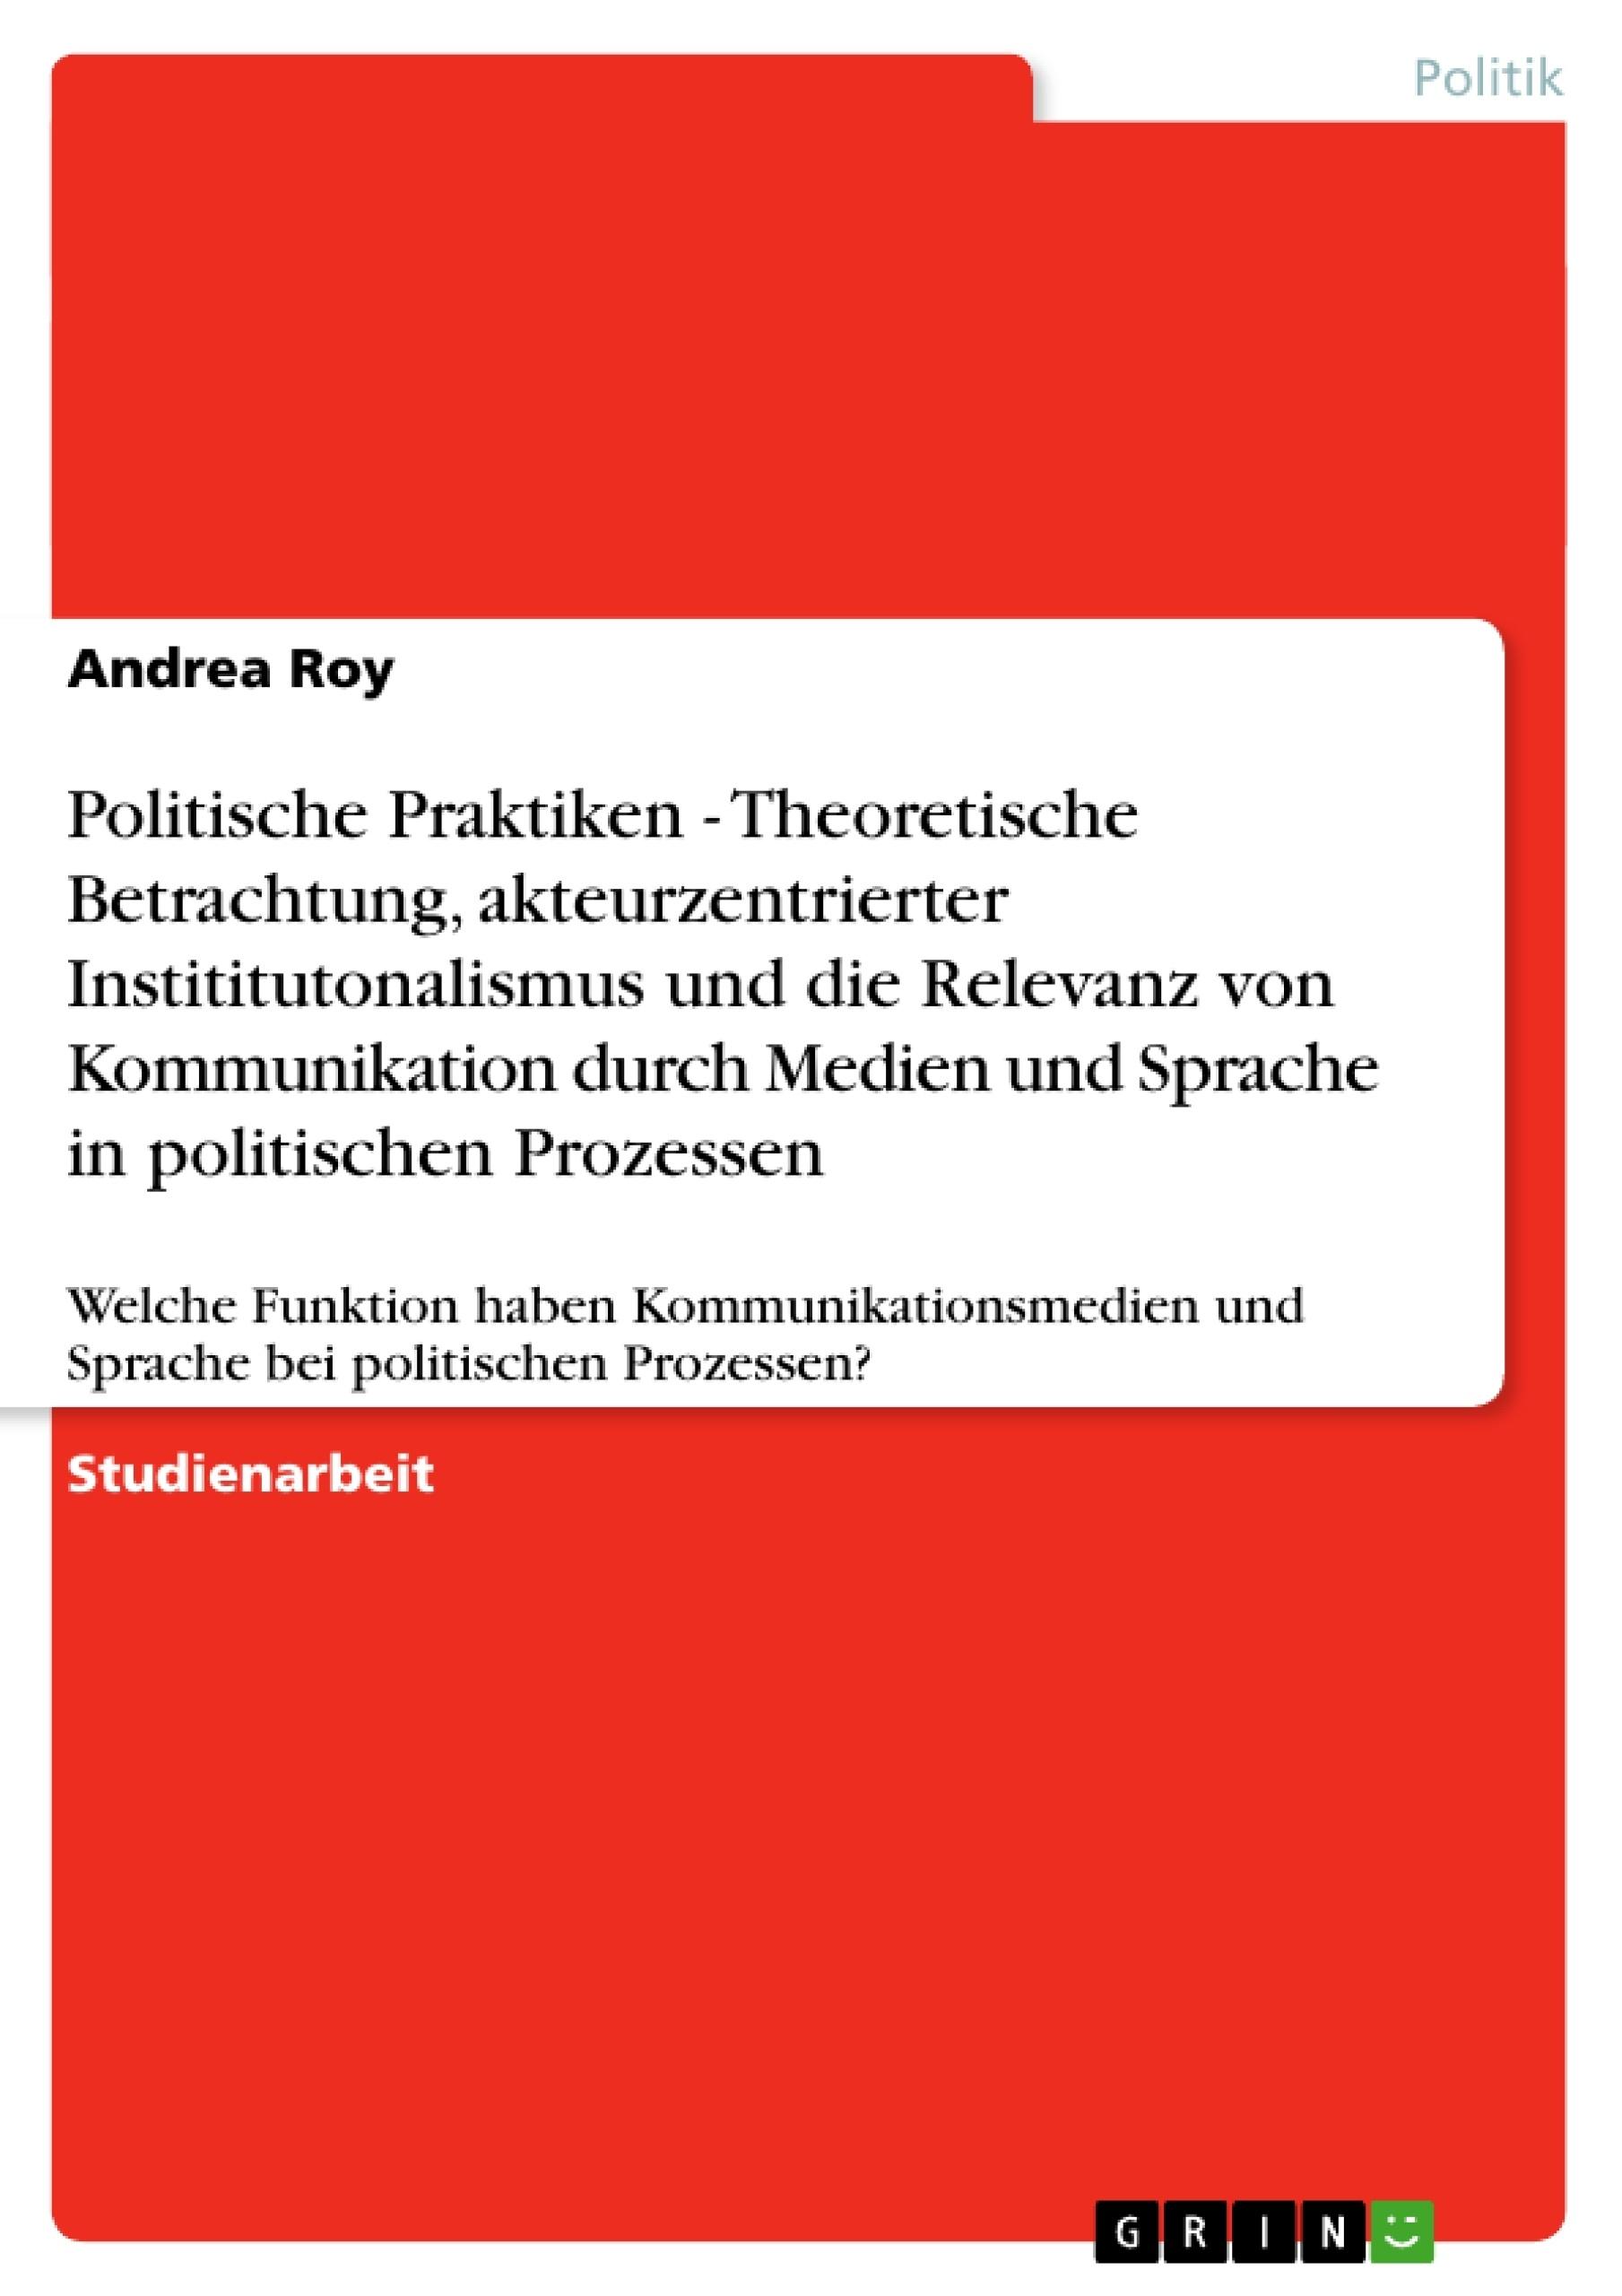 Titel: Politische Praktiken - Theoretische Betrachtung, akteurzentrierter Instititutonalismus und die Relevanz von Kommunikation durch Medien und Sprache in politischen Prozessen